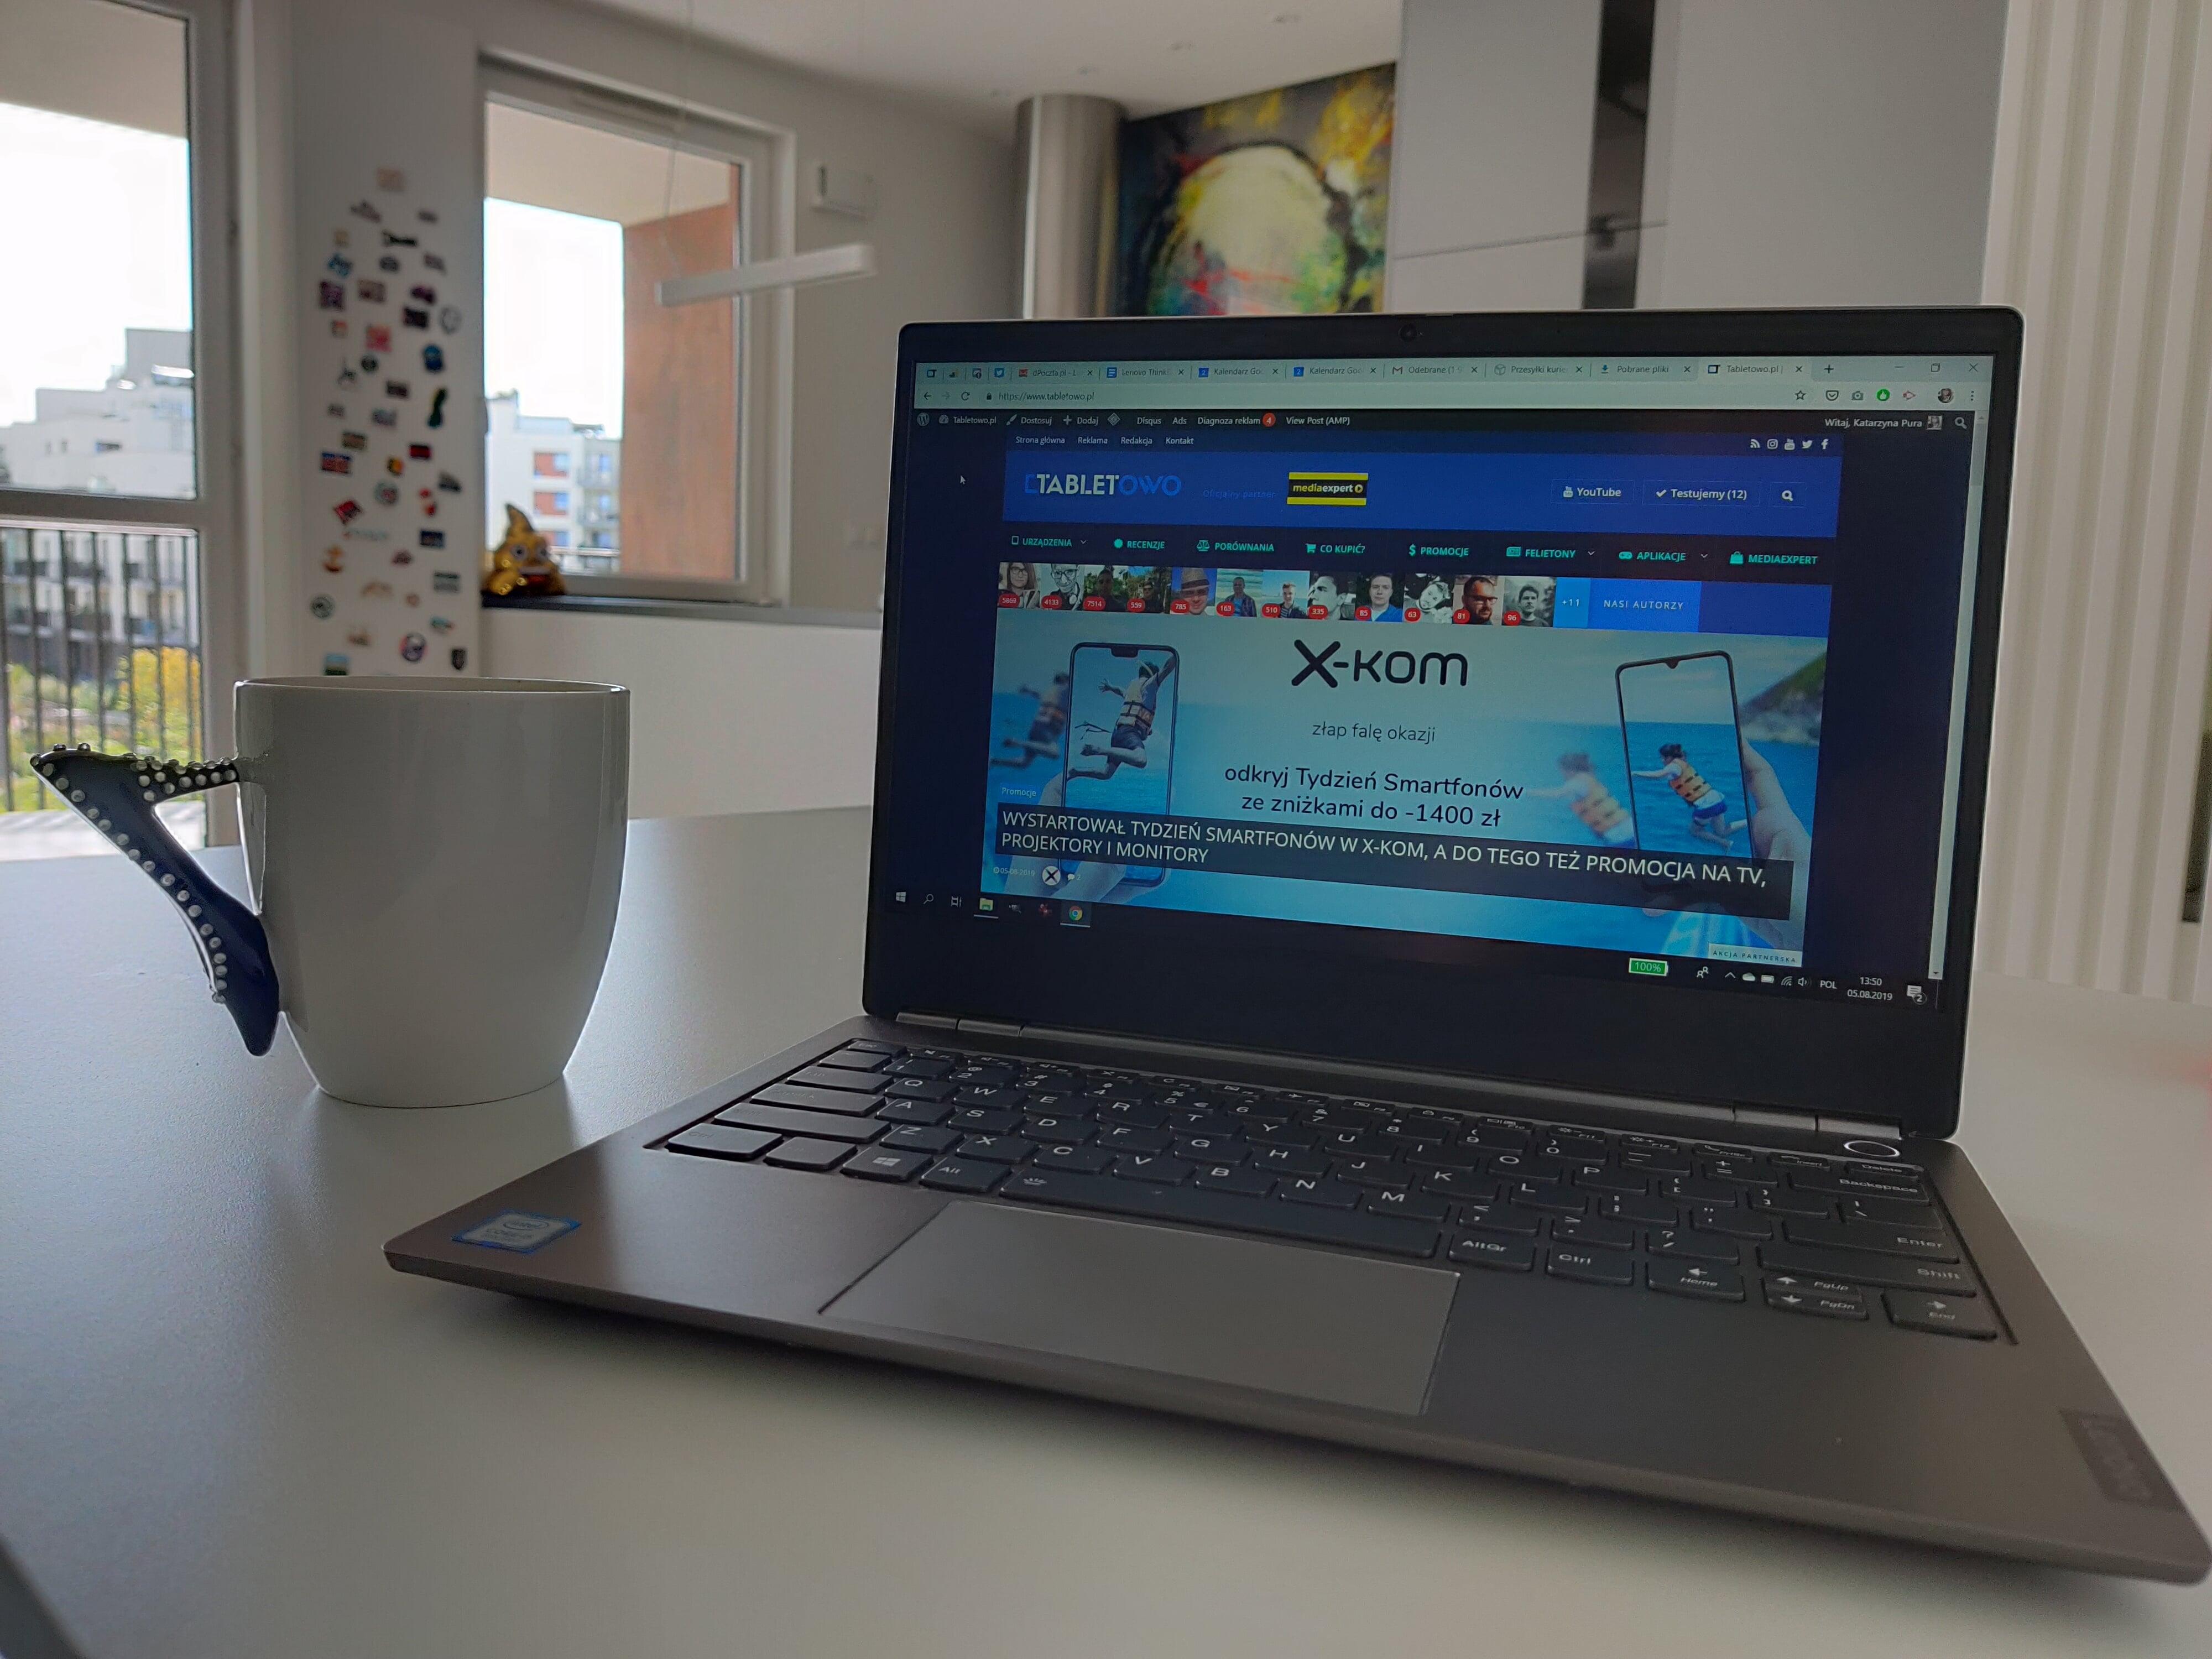 Recenzja ciekawego laptopa za niezłe pieniądze - Lenovo ThinkBook 13s 35